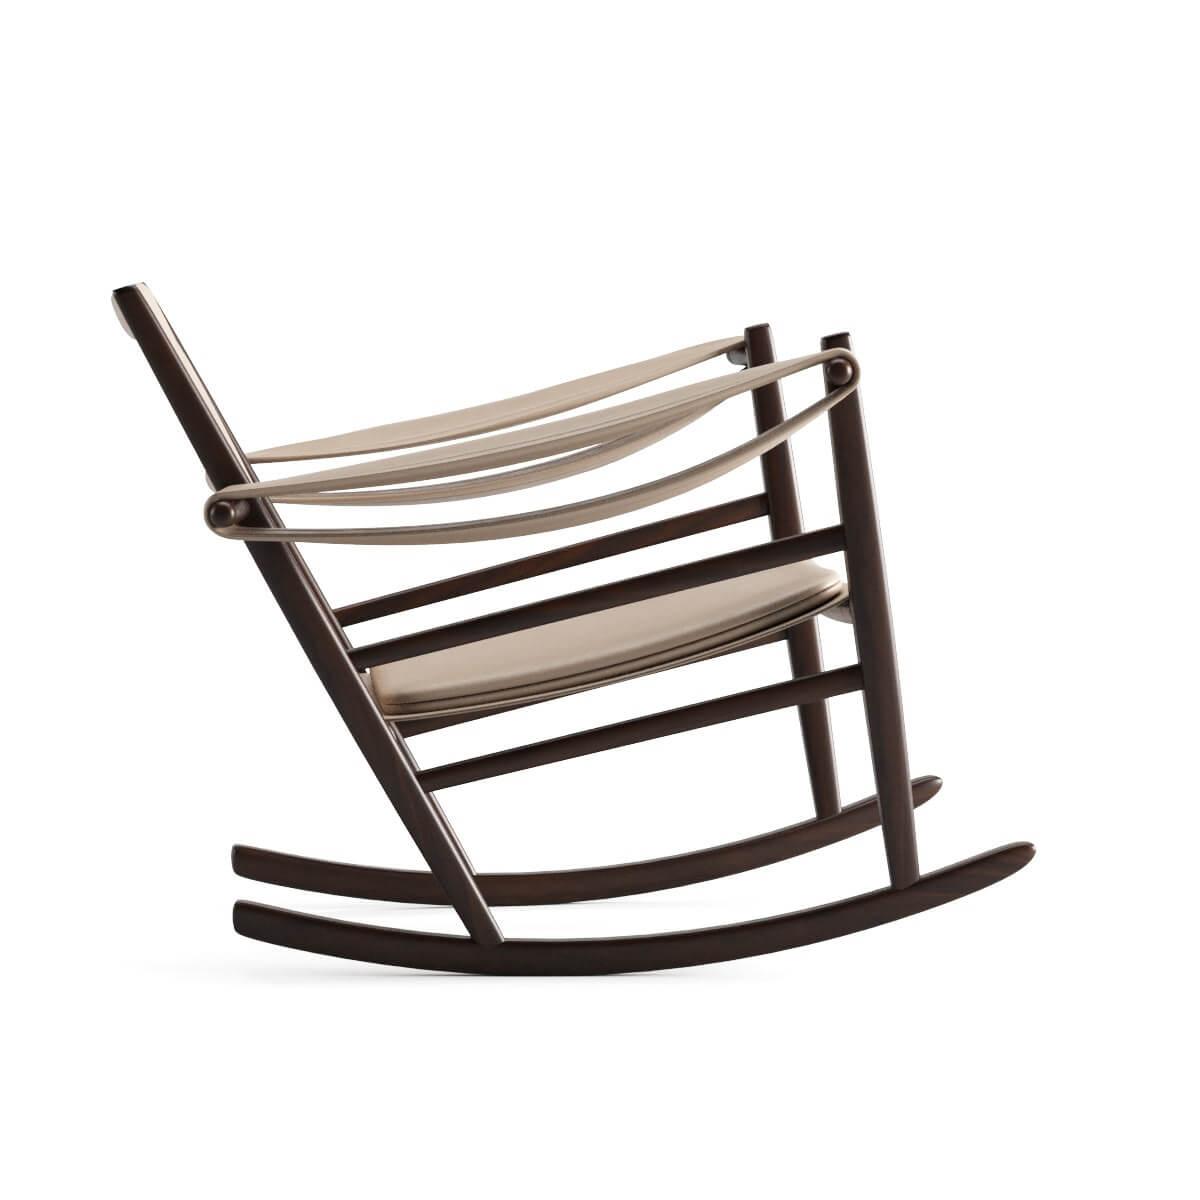 Скачать 3Д модель Embalo armchair by Joaquim Tenreiro бесплатно на CG AWARD UA. 3ds max | Corona Render